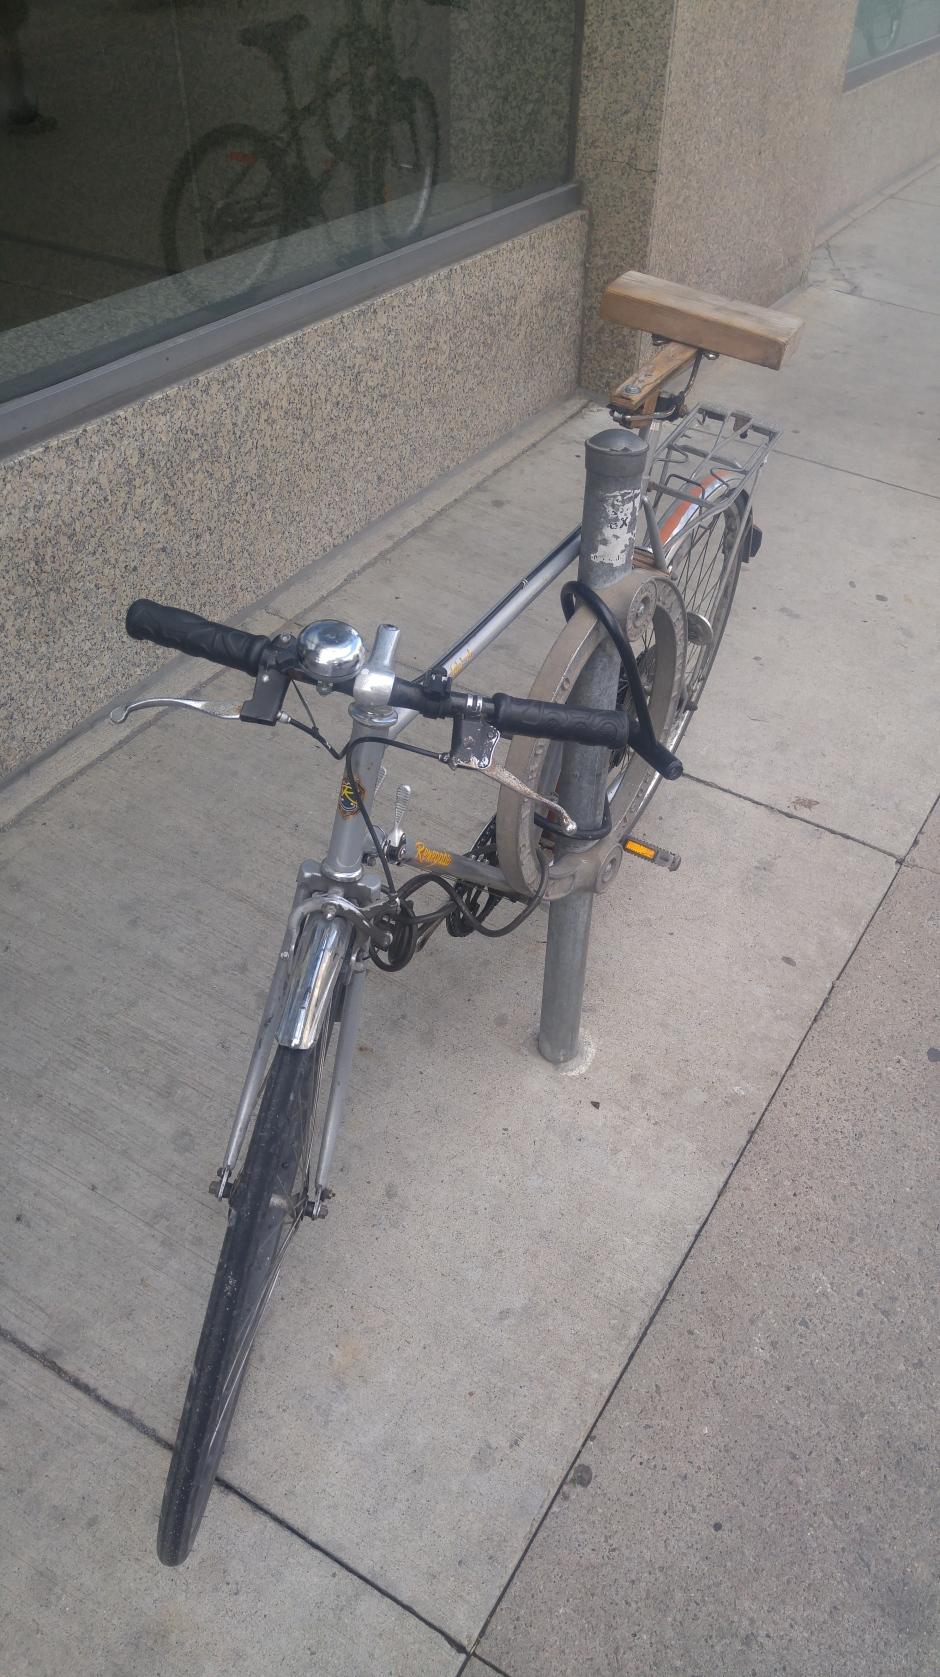 01_Bryne_SAD_Bike seat